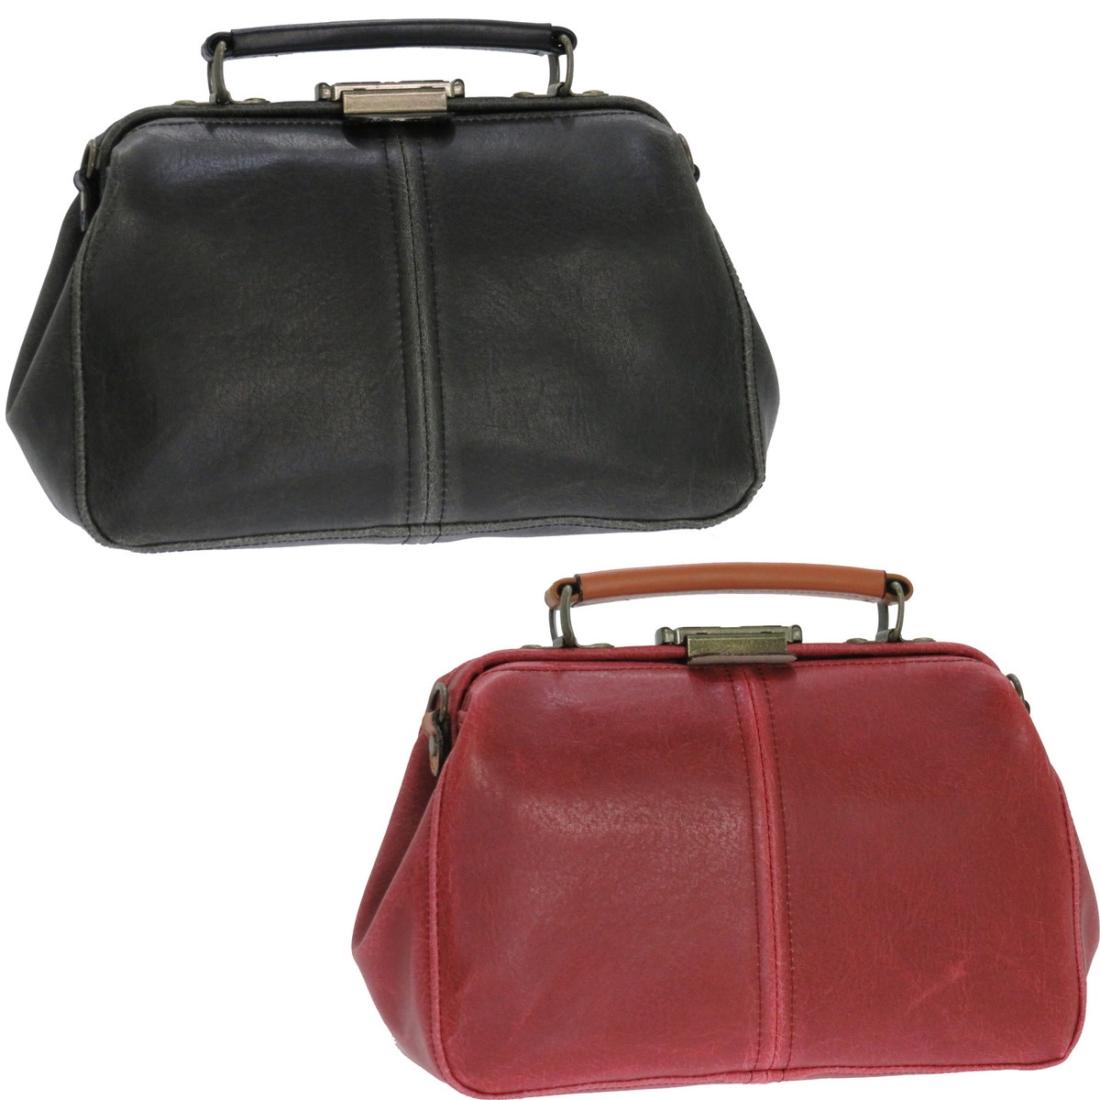 革 本 鞄 セカンドバッグ レトロ ダレスポーチ レッド 白化PVC 日本製 japan